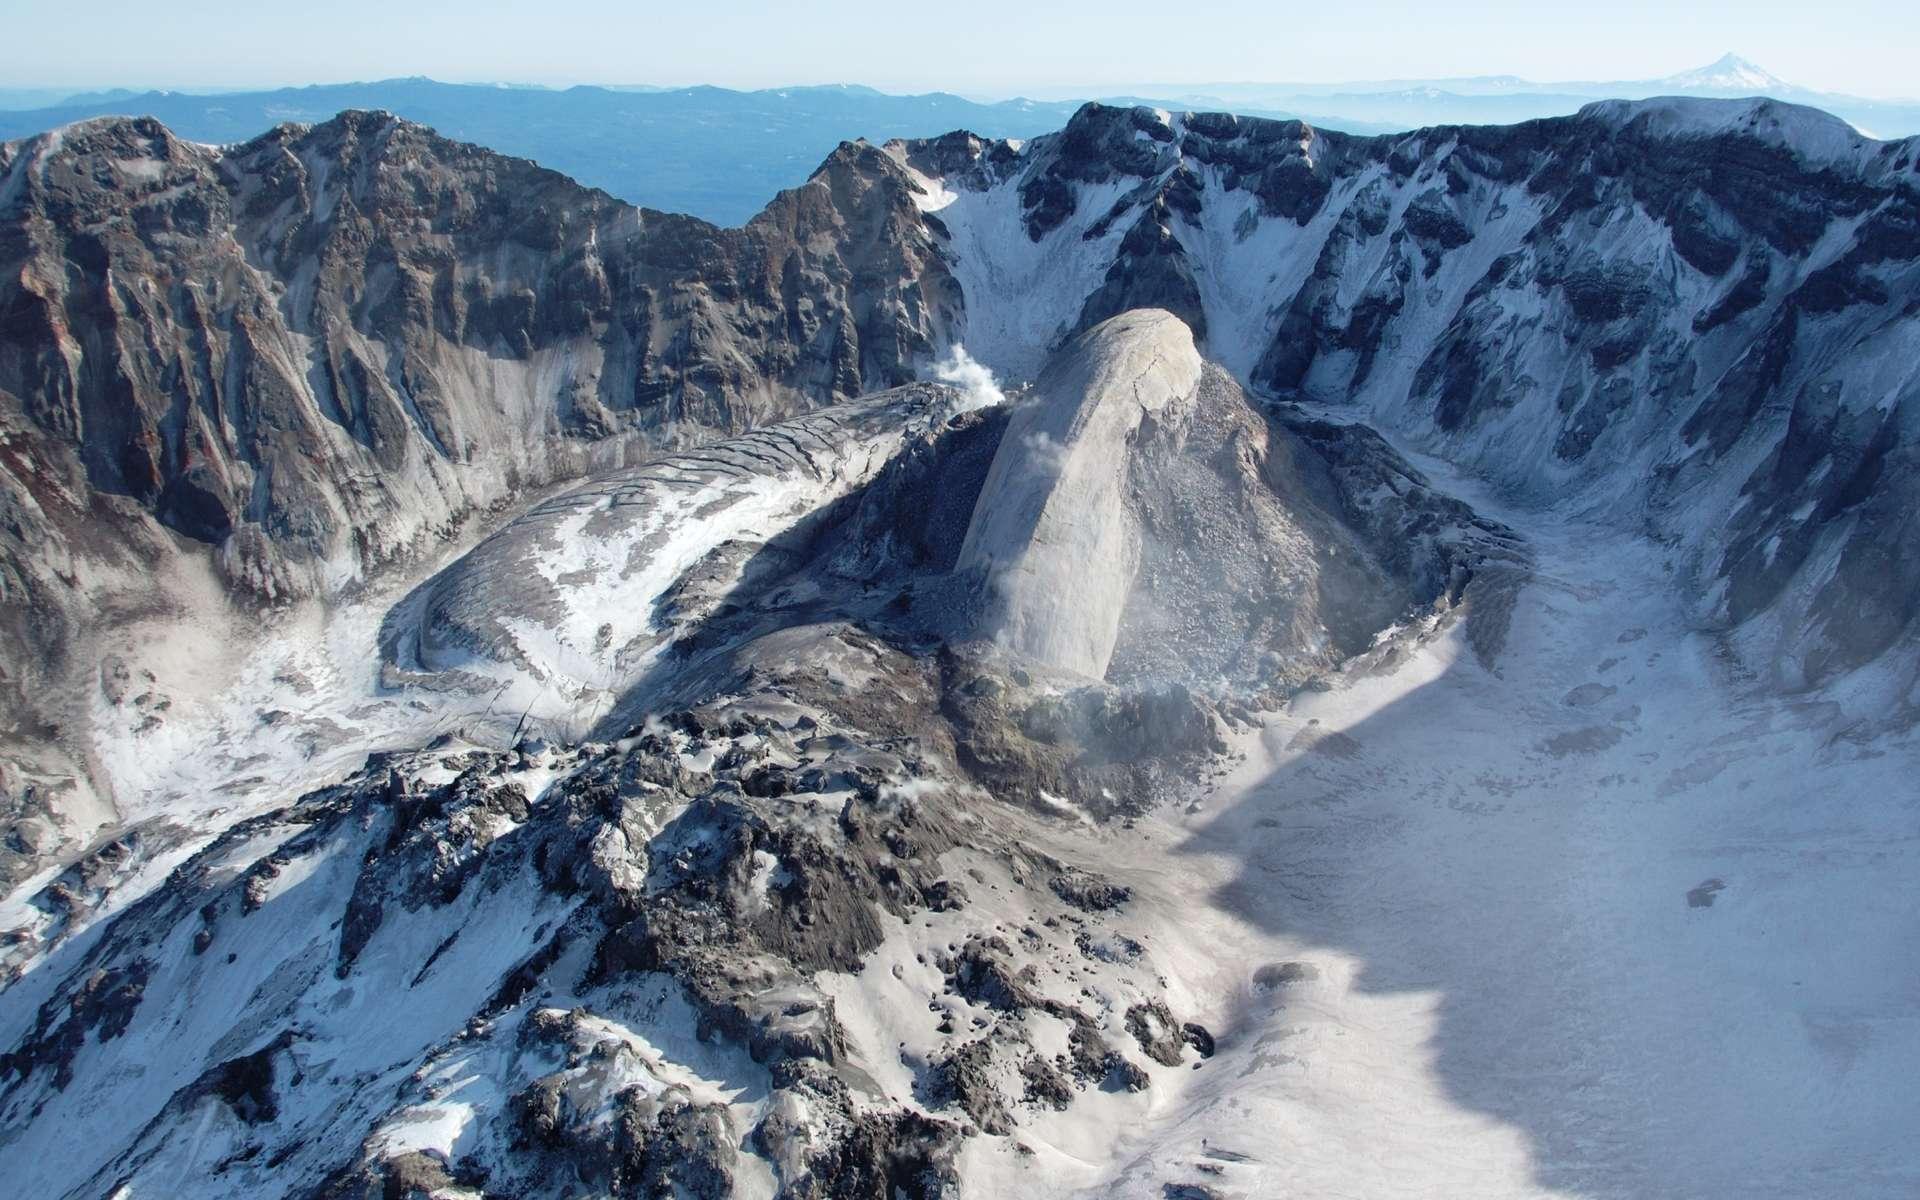 Un dôme de lave visqueuse dans le cratère en fer à cheval du mont Saint Helens, aux États-Unis, un volcan à éruption de type péléen. © DP, Wikipédia